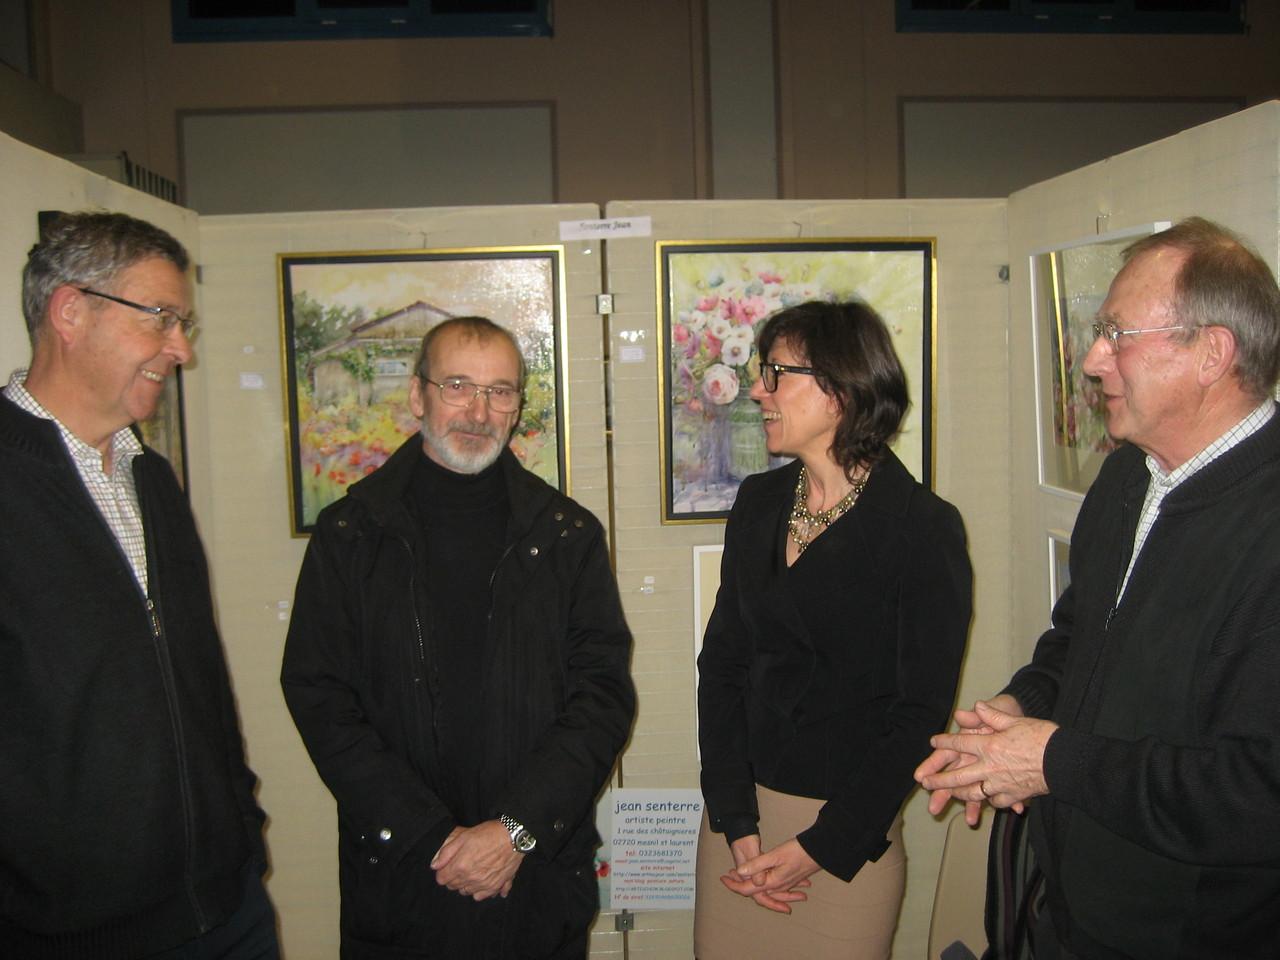 Messieurs Prévot, Senterre, Fouquet J. avec Madame Lalonde